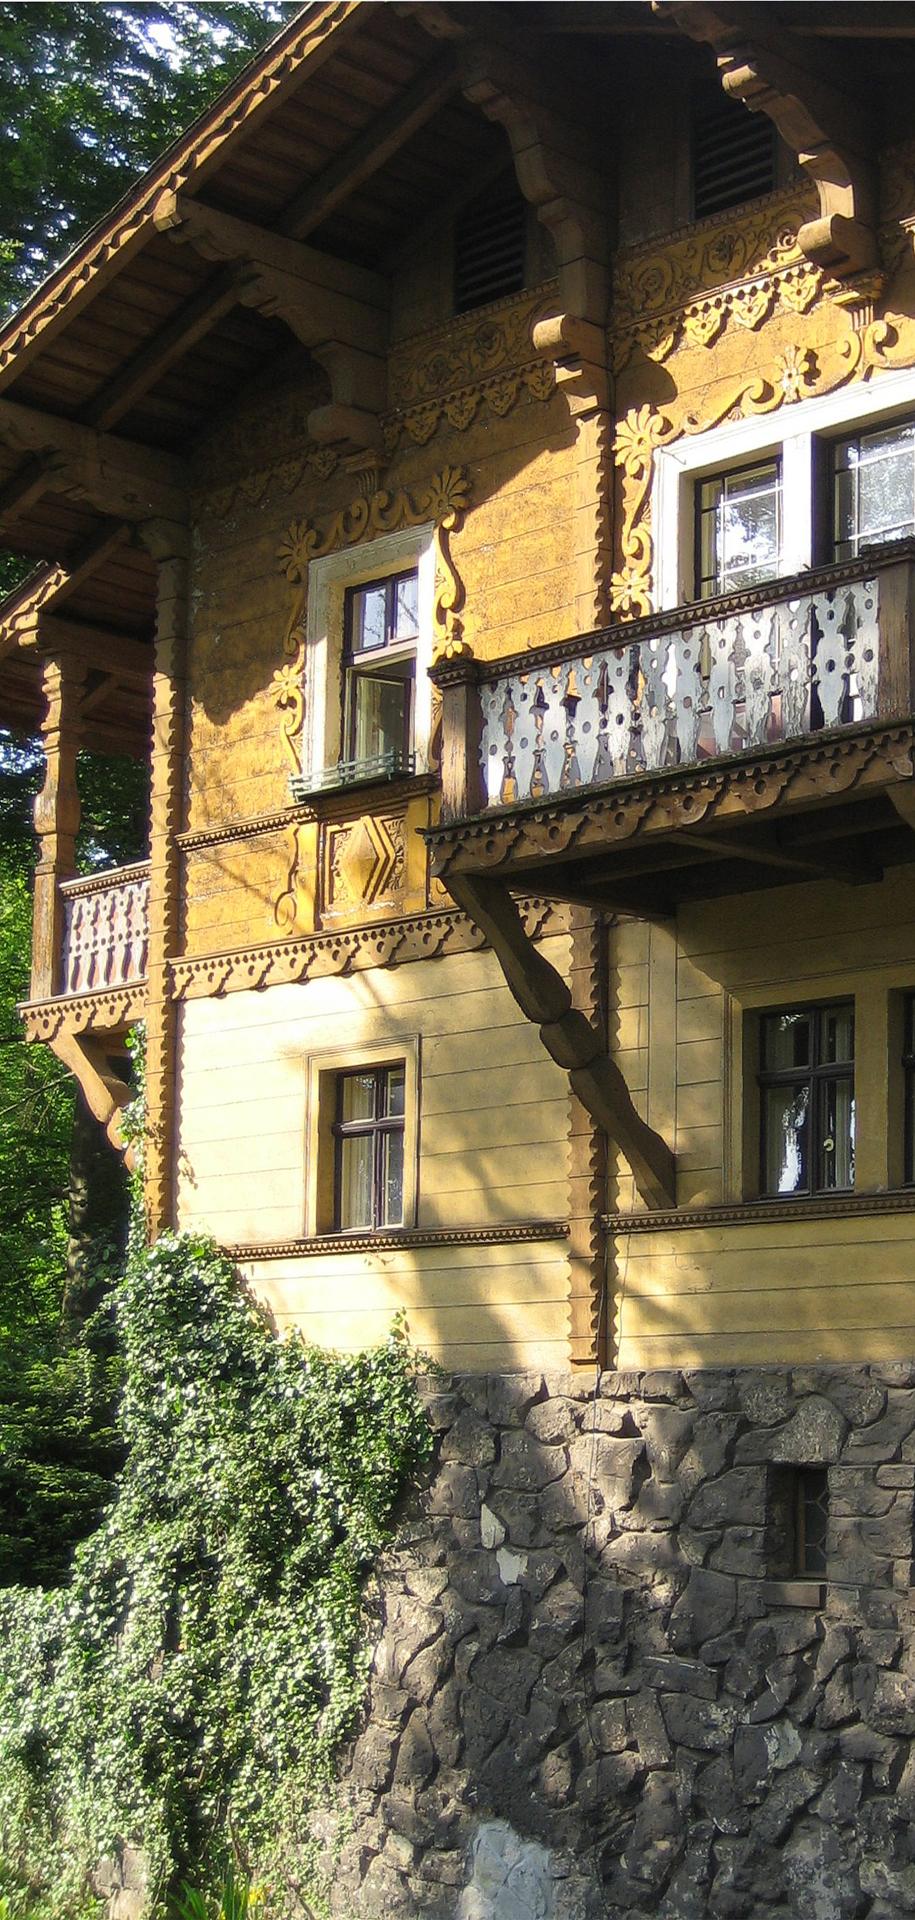 Schweizerhaus in Klein Glienicke, Foto: Manfred Brückels/ CC-BY-SA-3.0